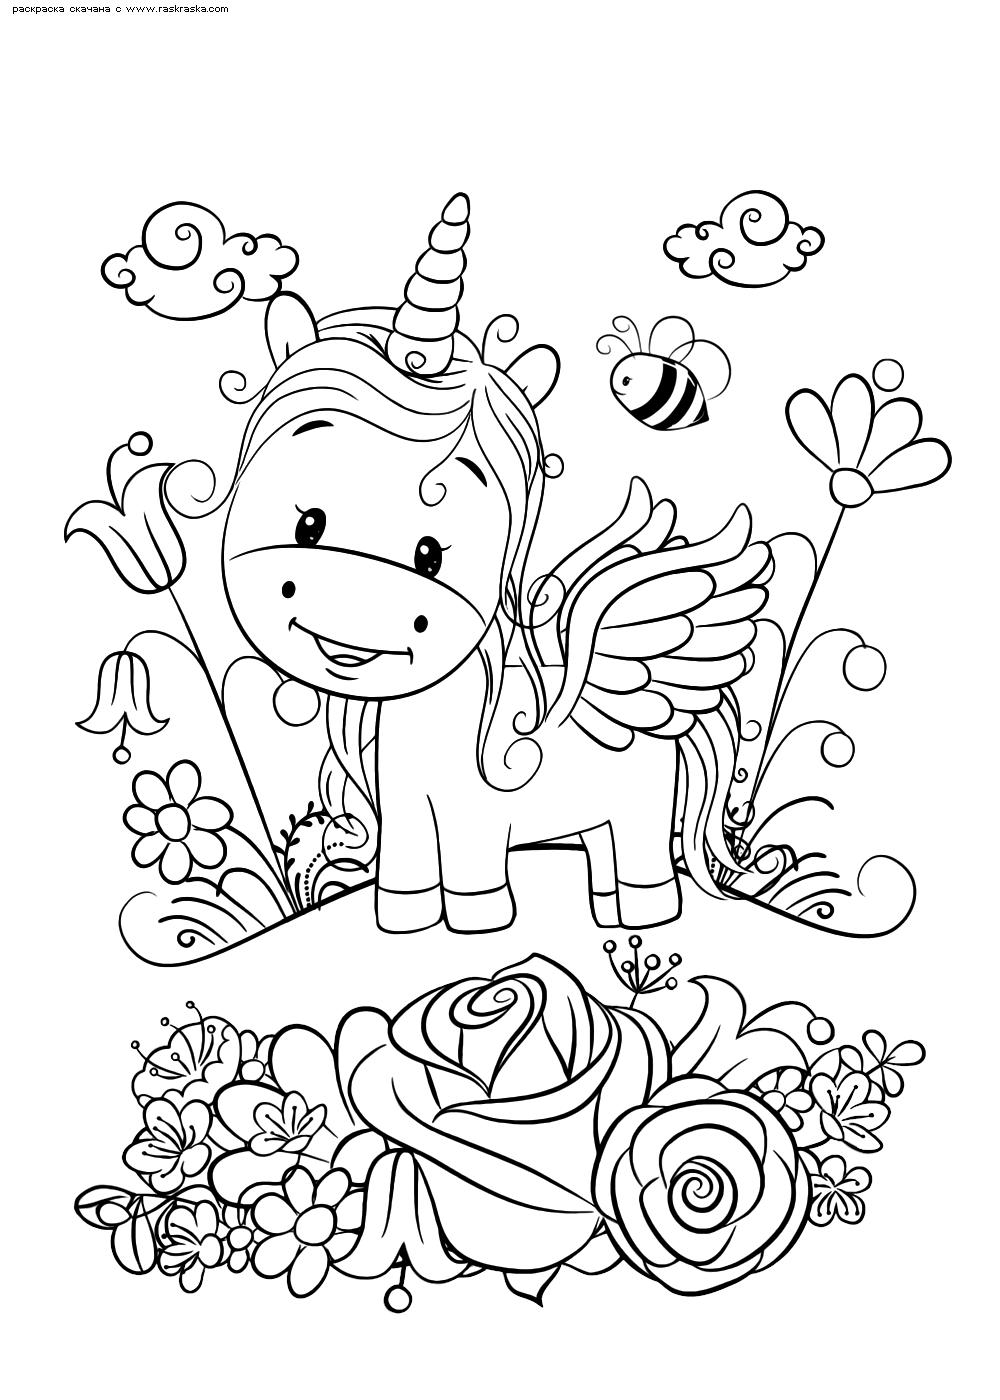 Раскраска Единорожек на поляне | Раскраски няшных животных ...